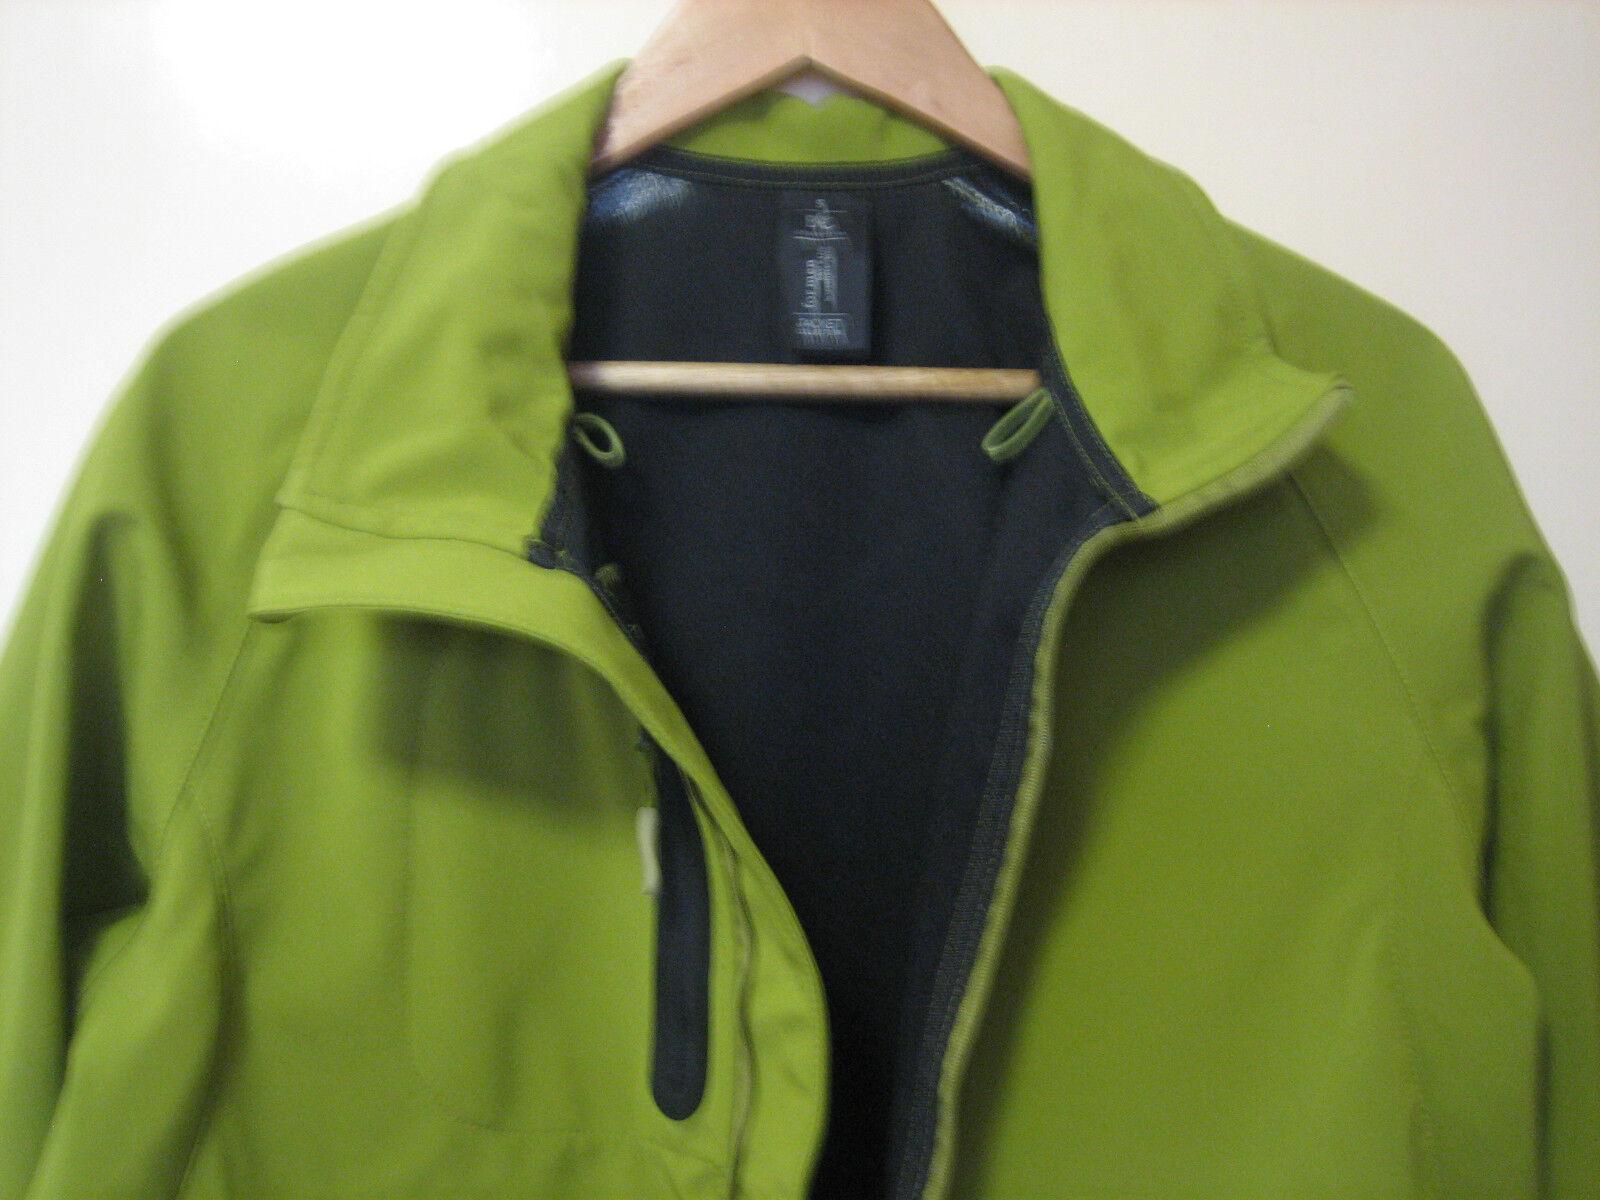 Homme Une Collection Veste B Vert Pour amp;c Belle nouveau Citron g67S6ftA